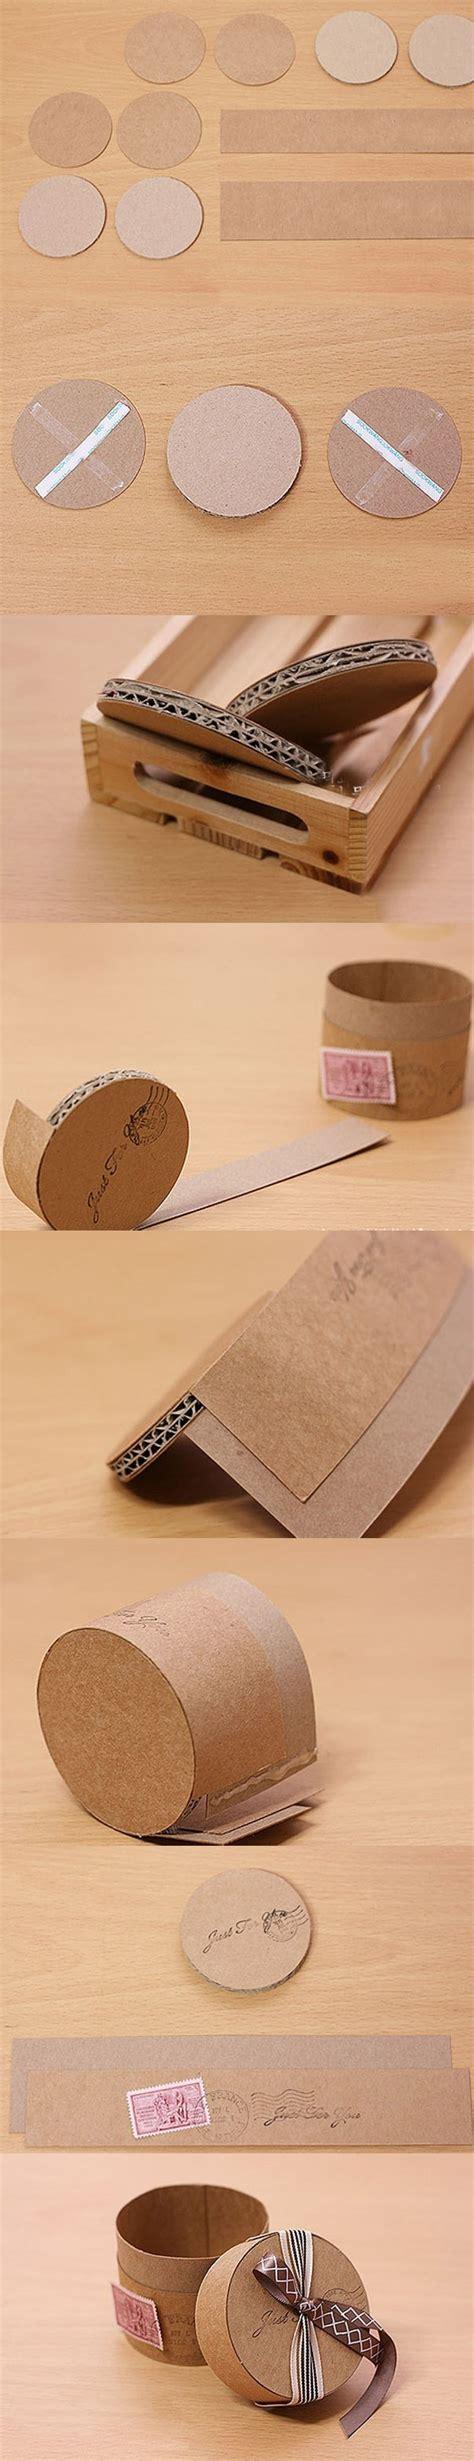 กล อง จดหมาย Hotmail - letterthai.com